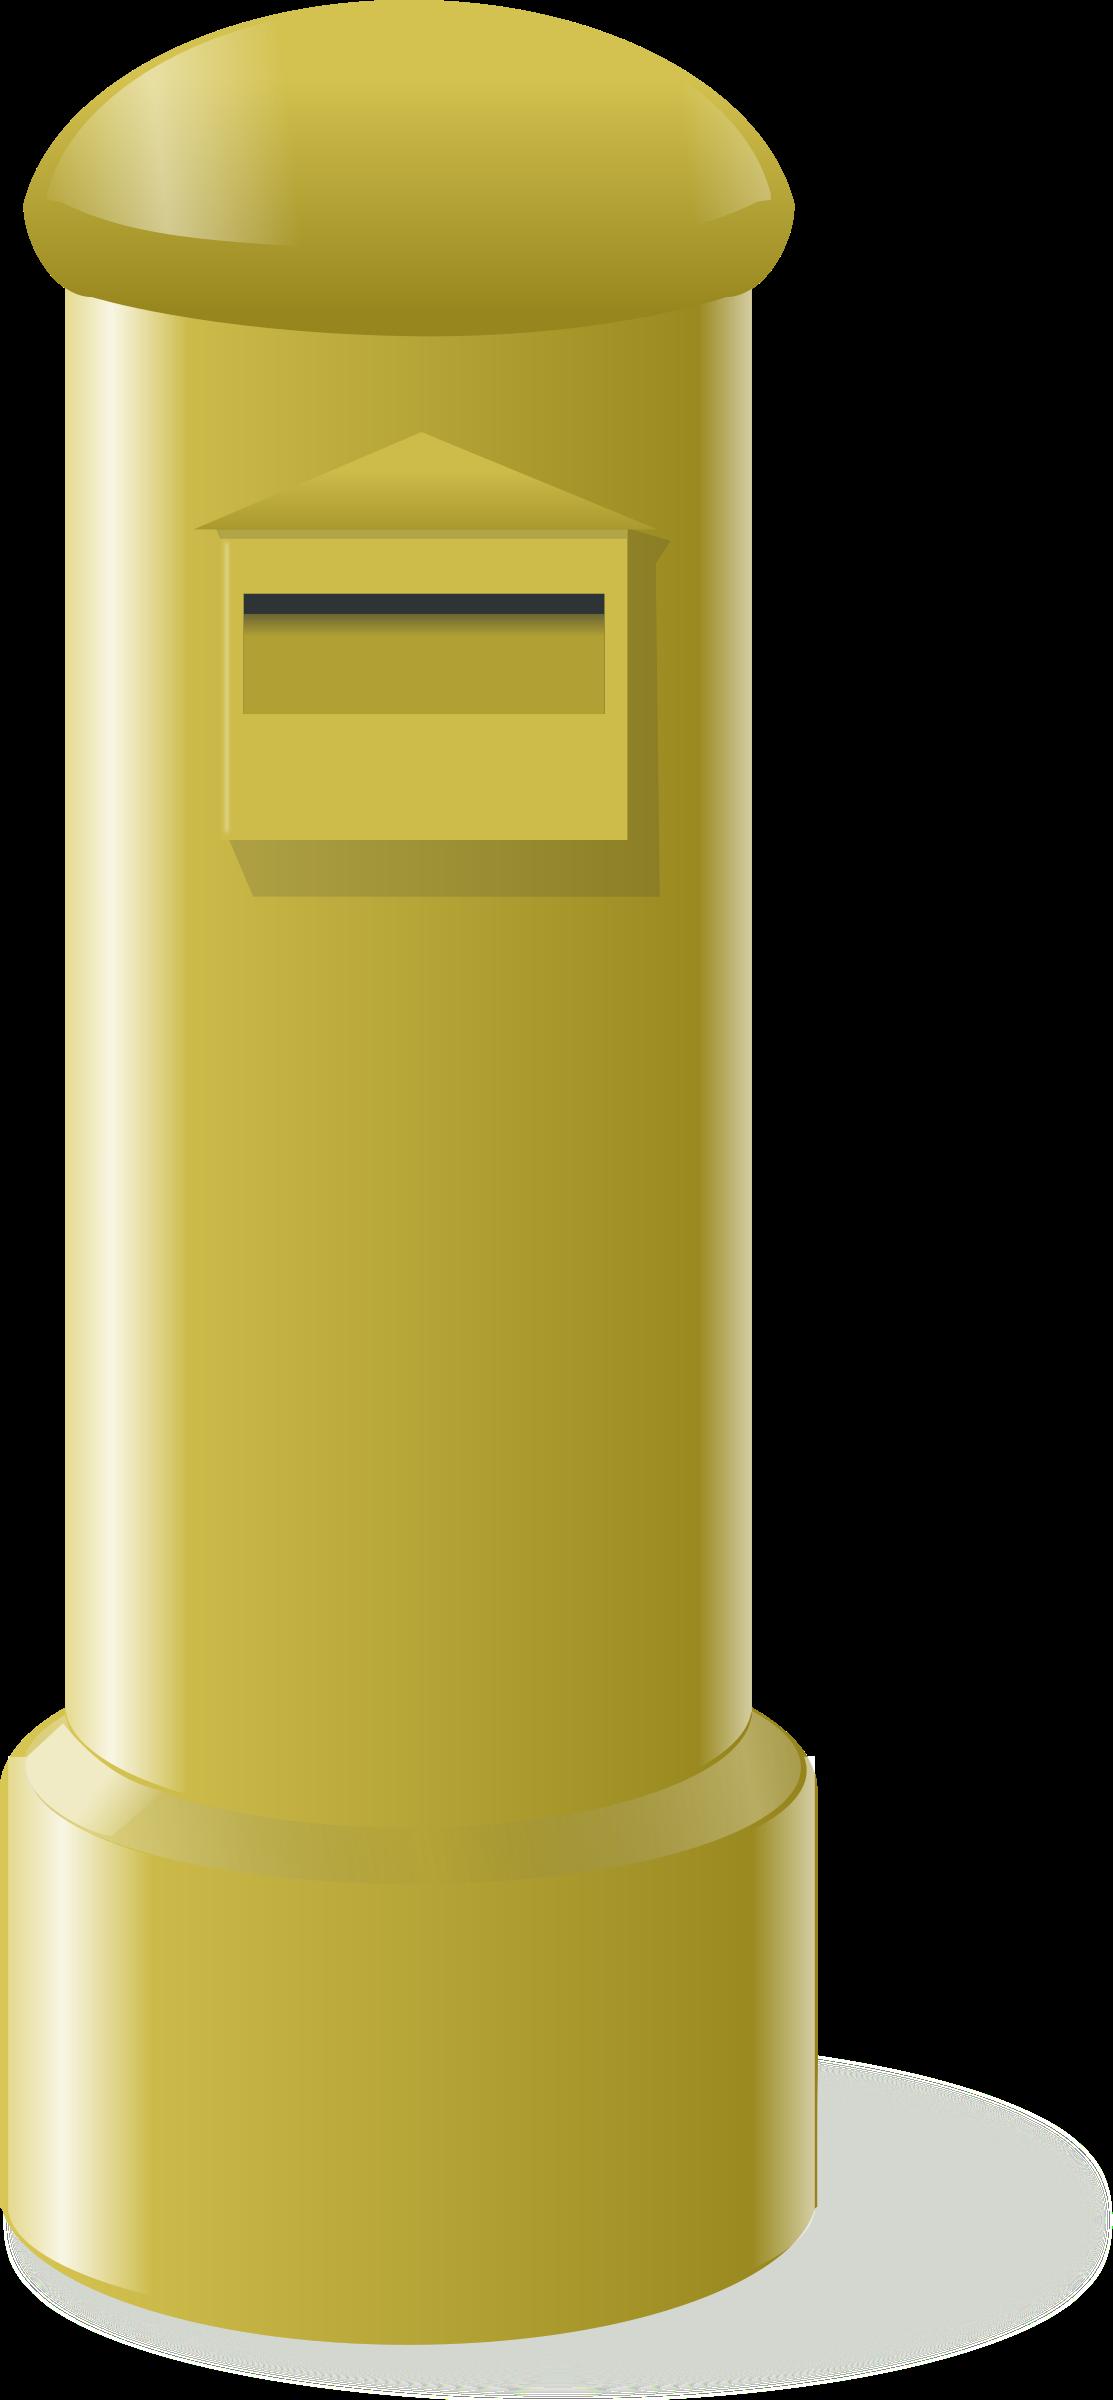 Mailbox clipart postbox. Correos big image png